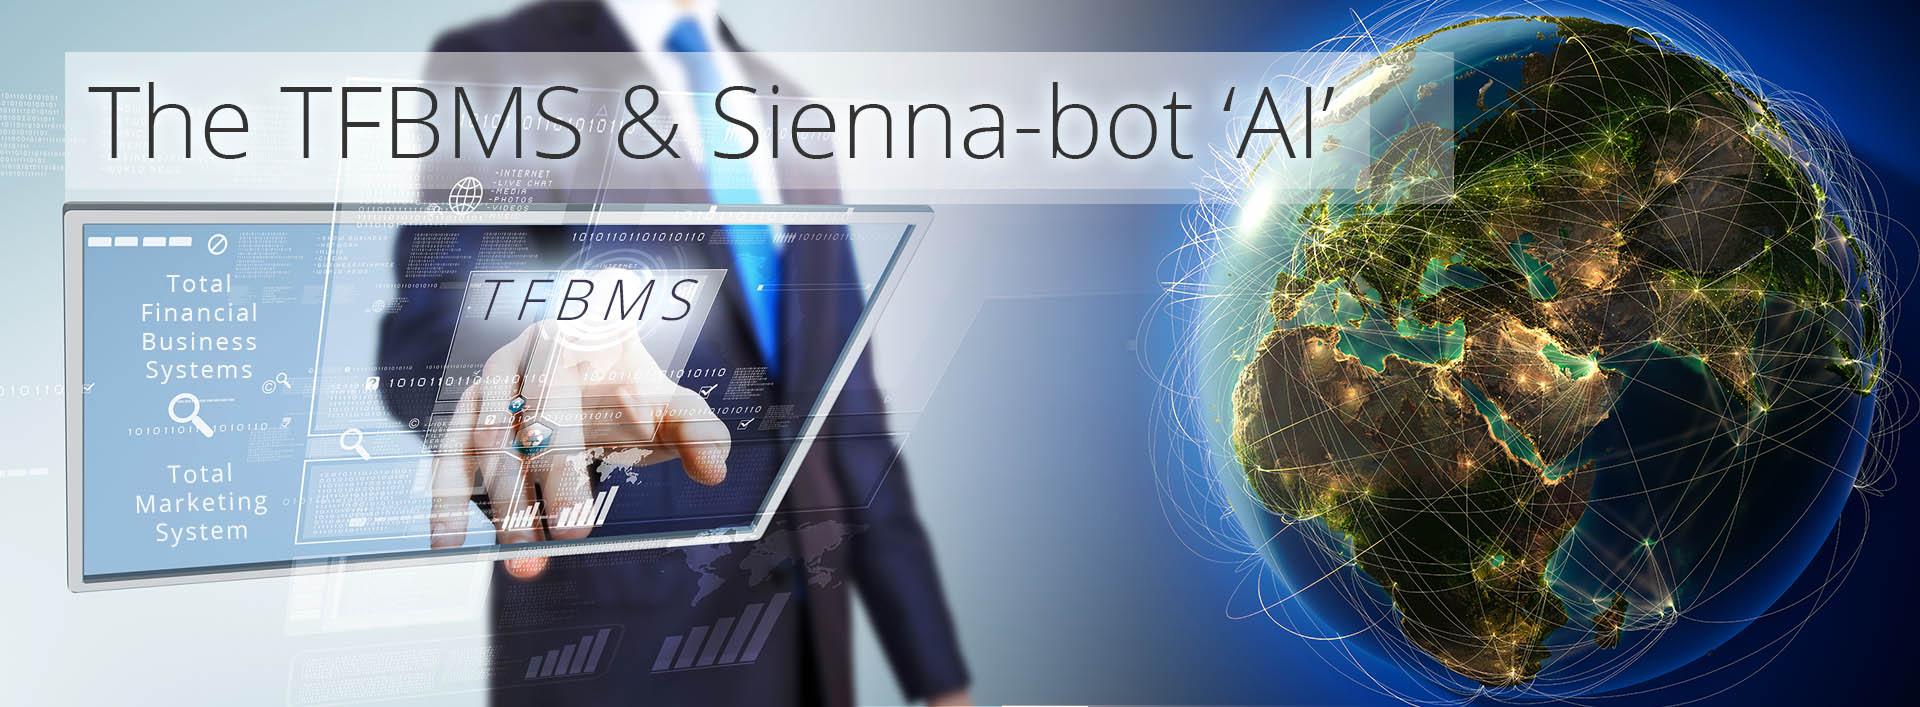 the-tfbms-the-sienna-bot-ai4